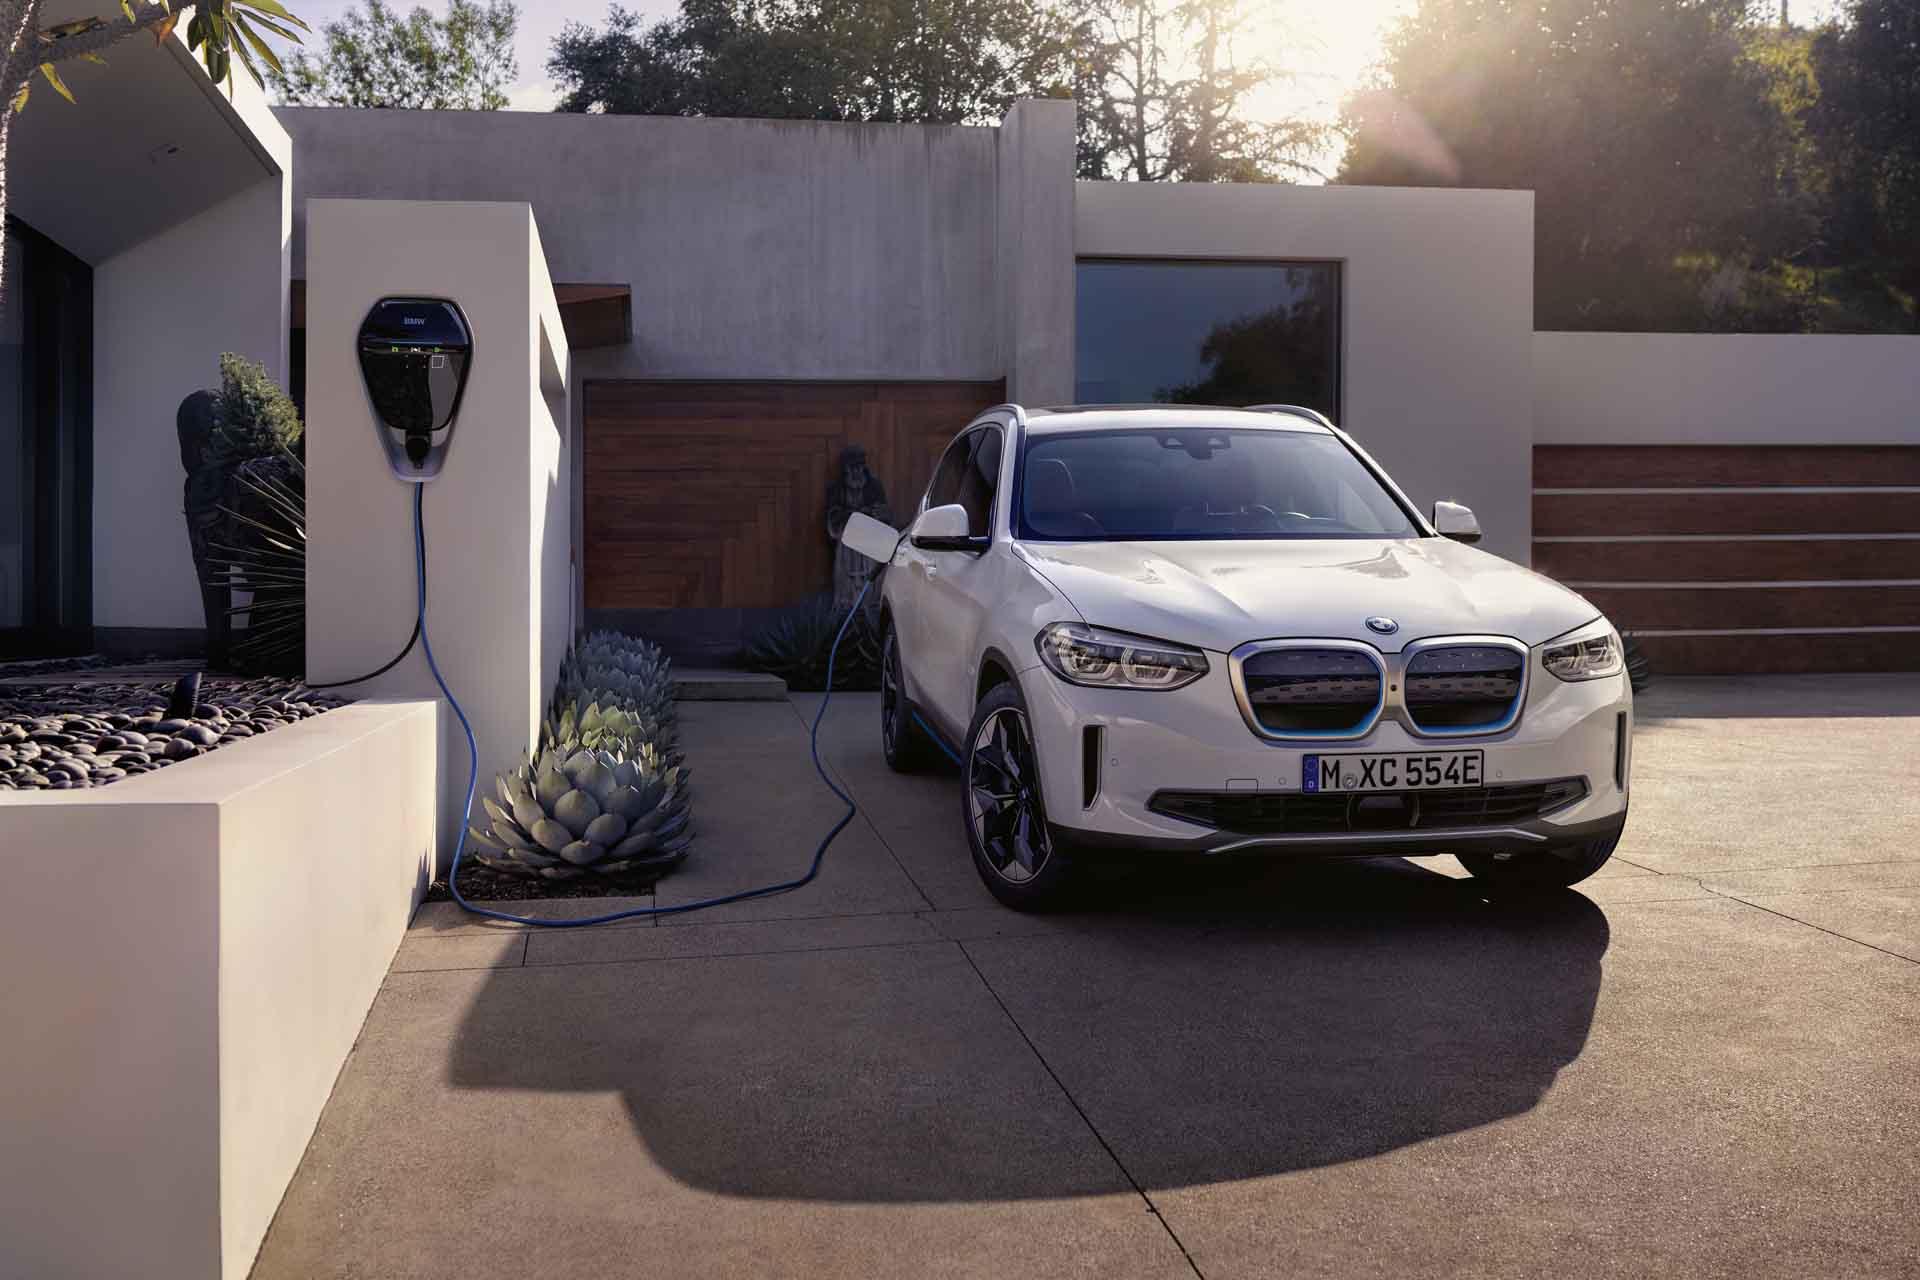 Der BMW iX3 läutet eine neue Ära lokal emissionsfreier Fahrfreude ein.